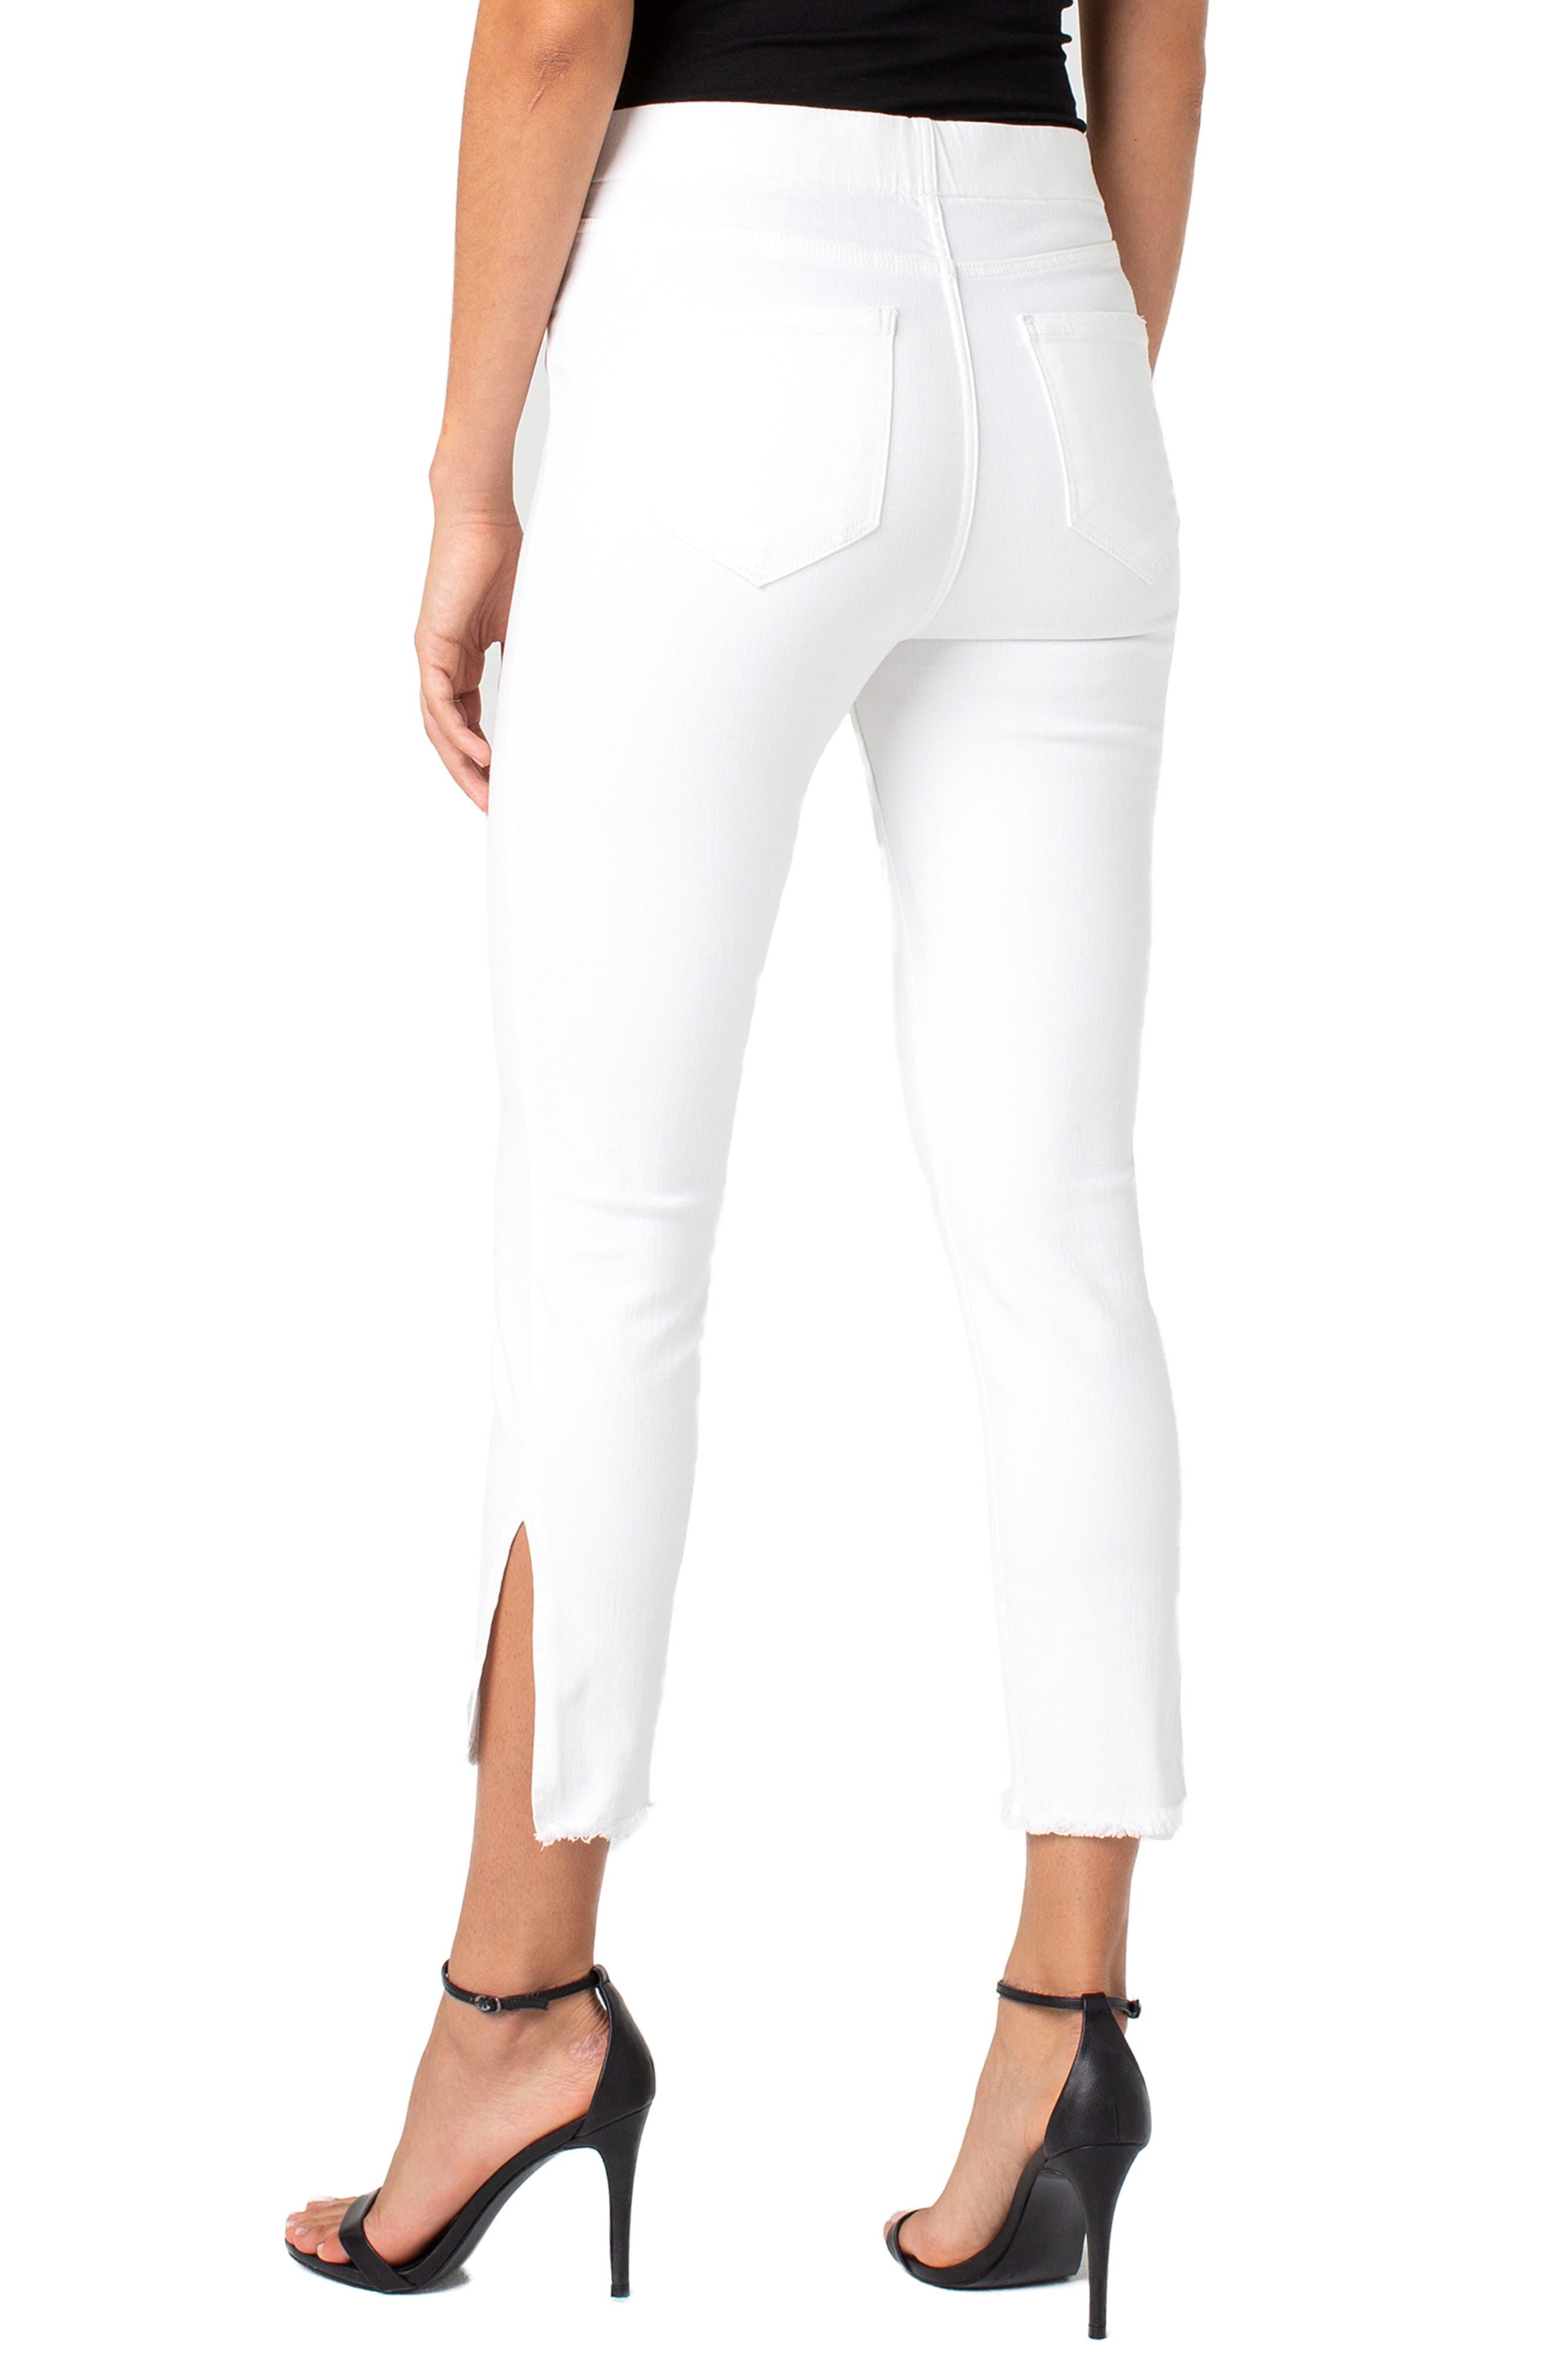 Chloe High Waist Slit Hem Pull-On Skinny Jeans,                             Alternate thumbnail 2, color,                             BRIGHT WHITE